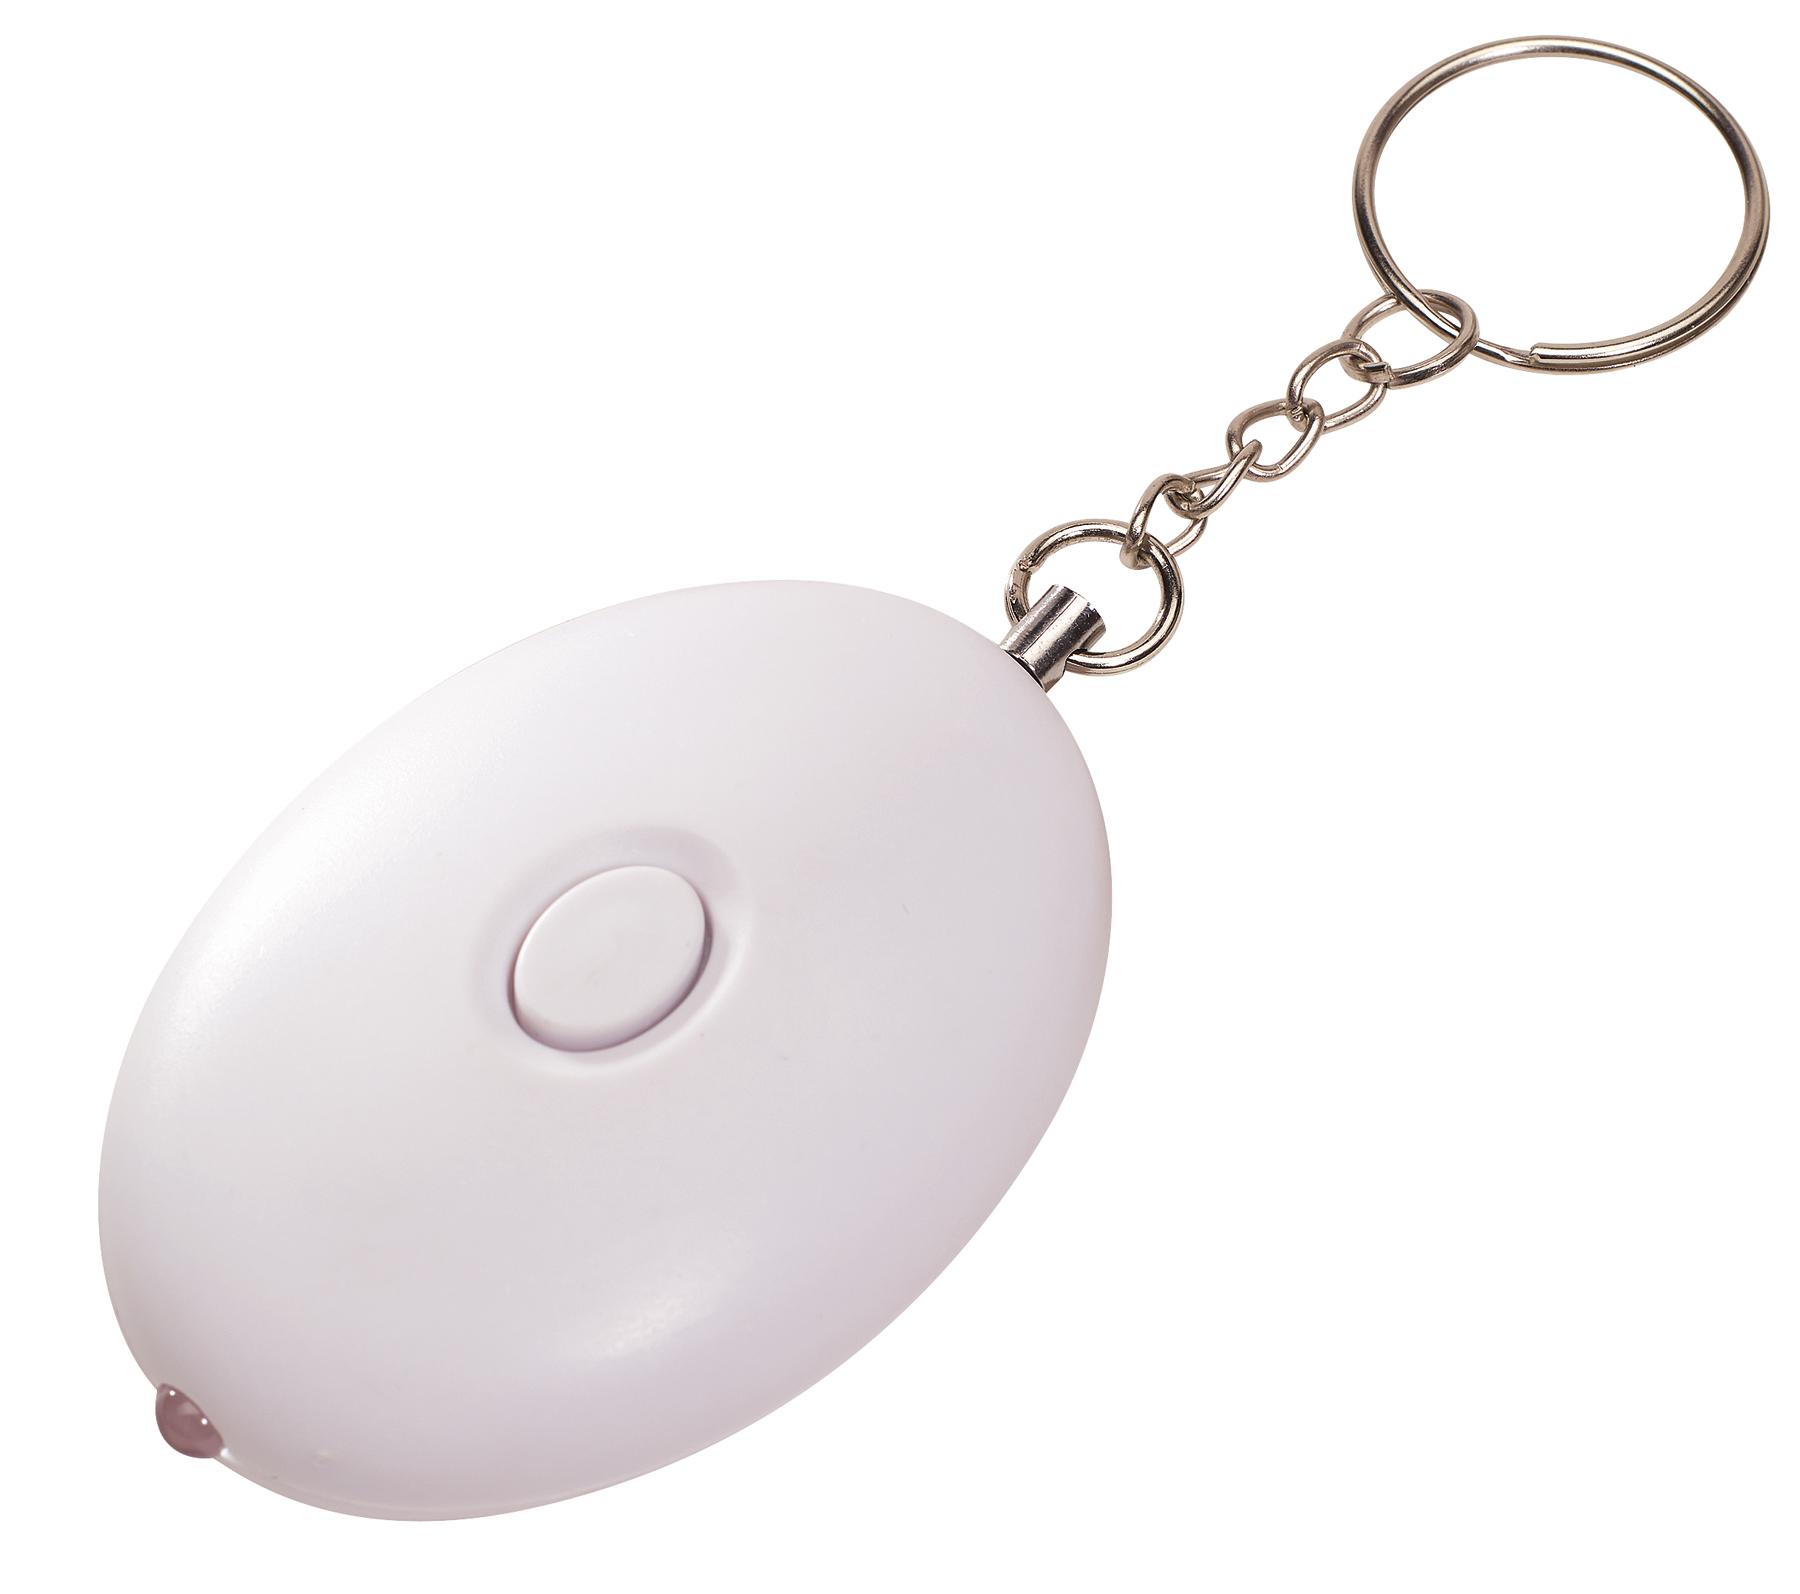 Brelok z alarmem ACOUSTIC BOMB, biały